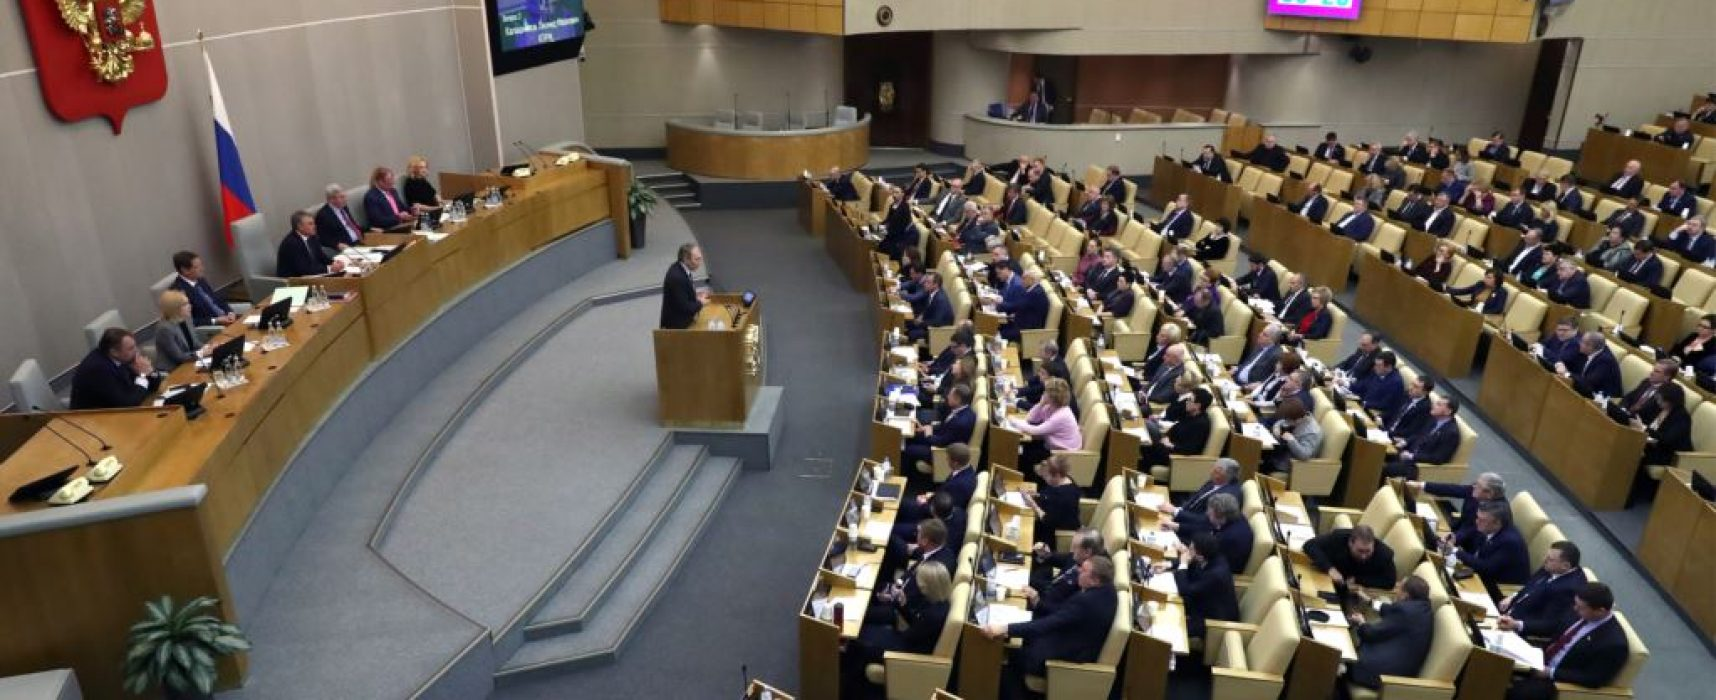 Росія проти фейкових новин: кому побоюватися закону?